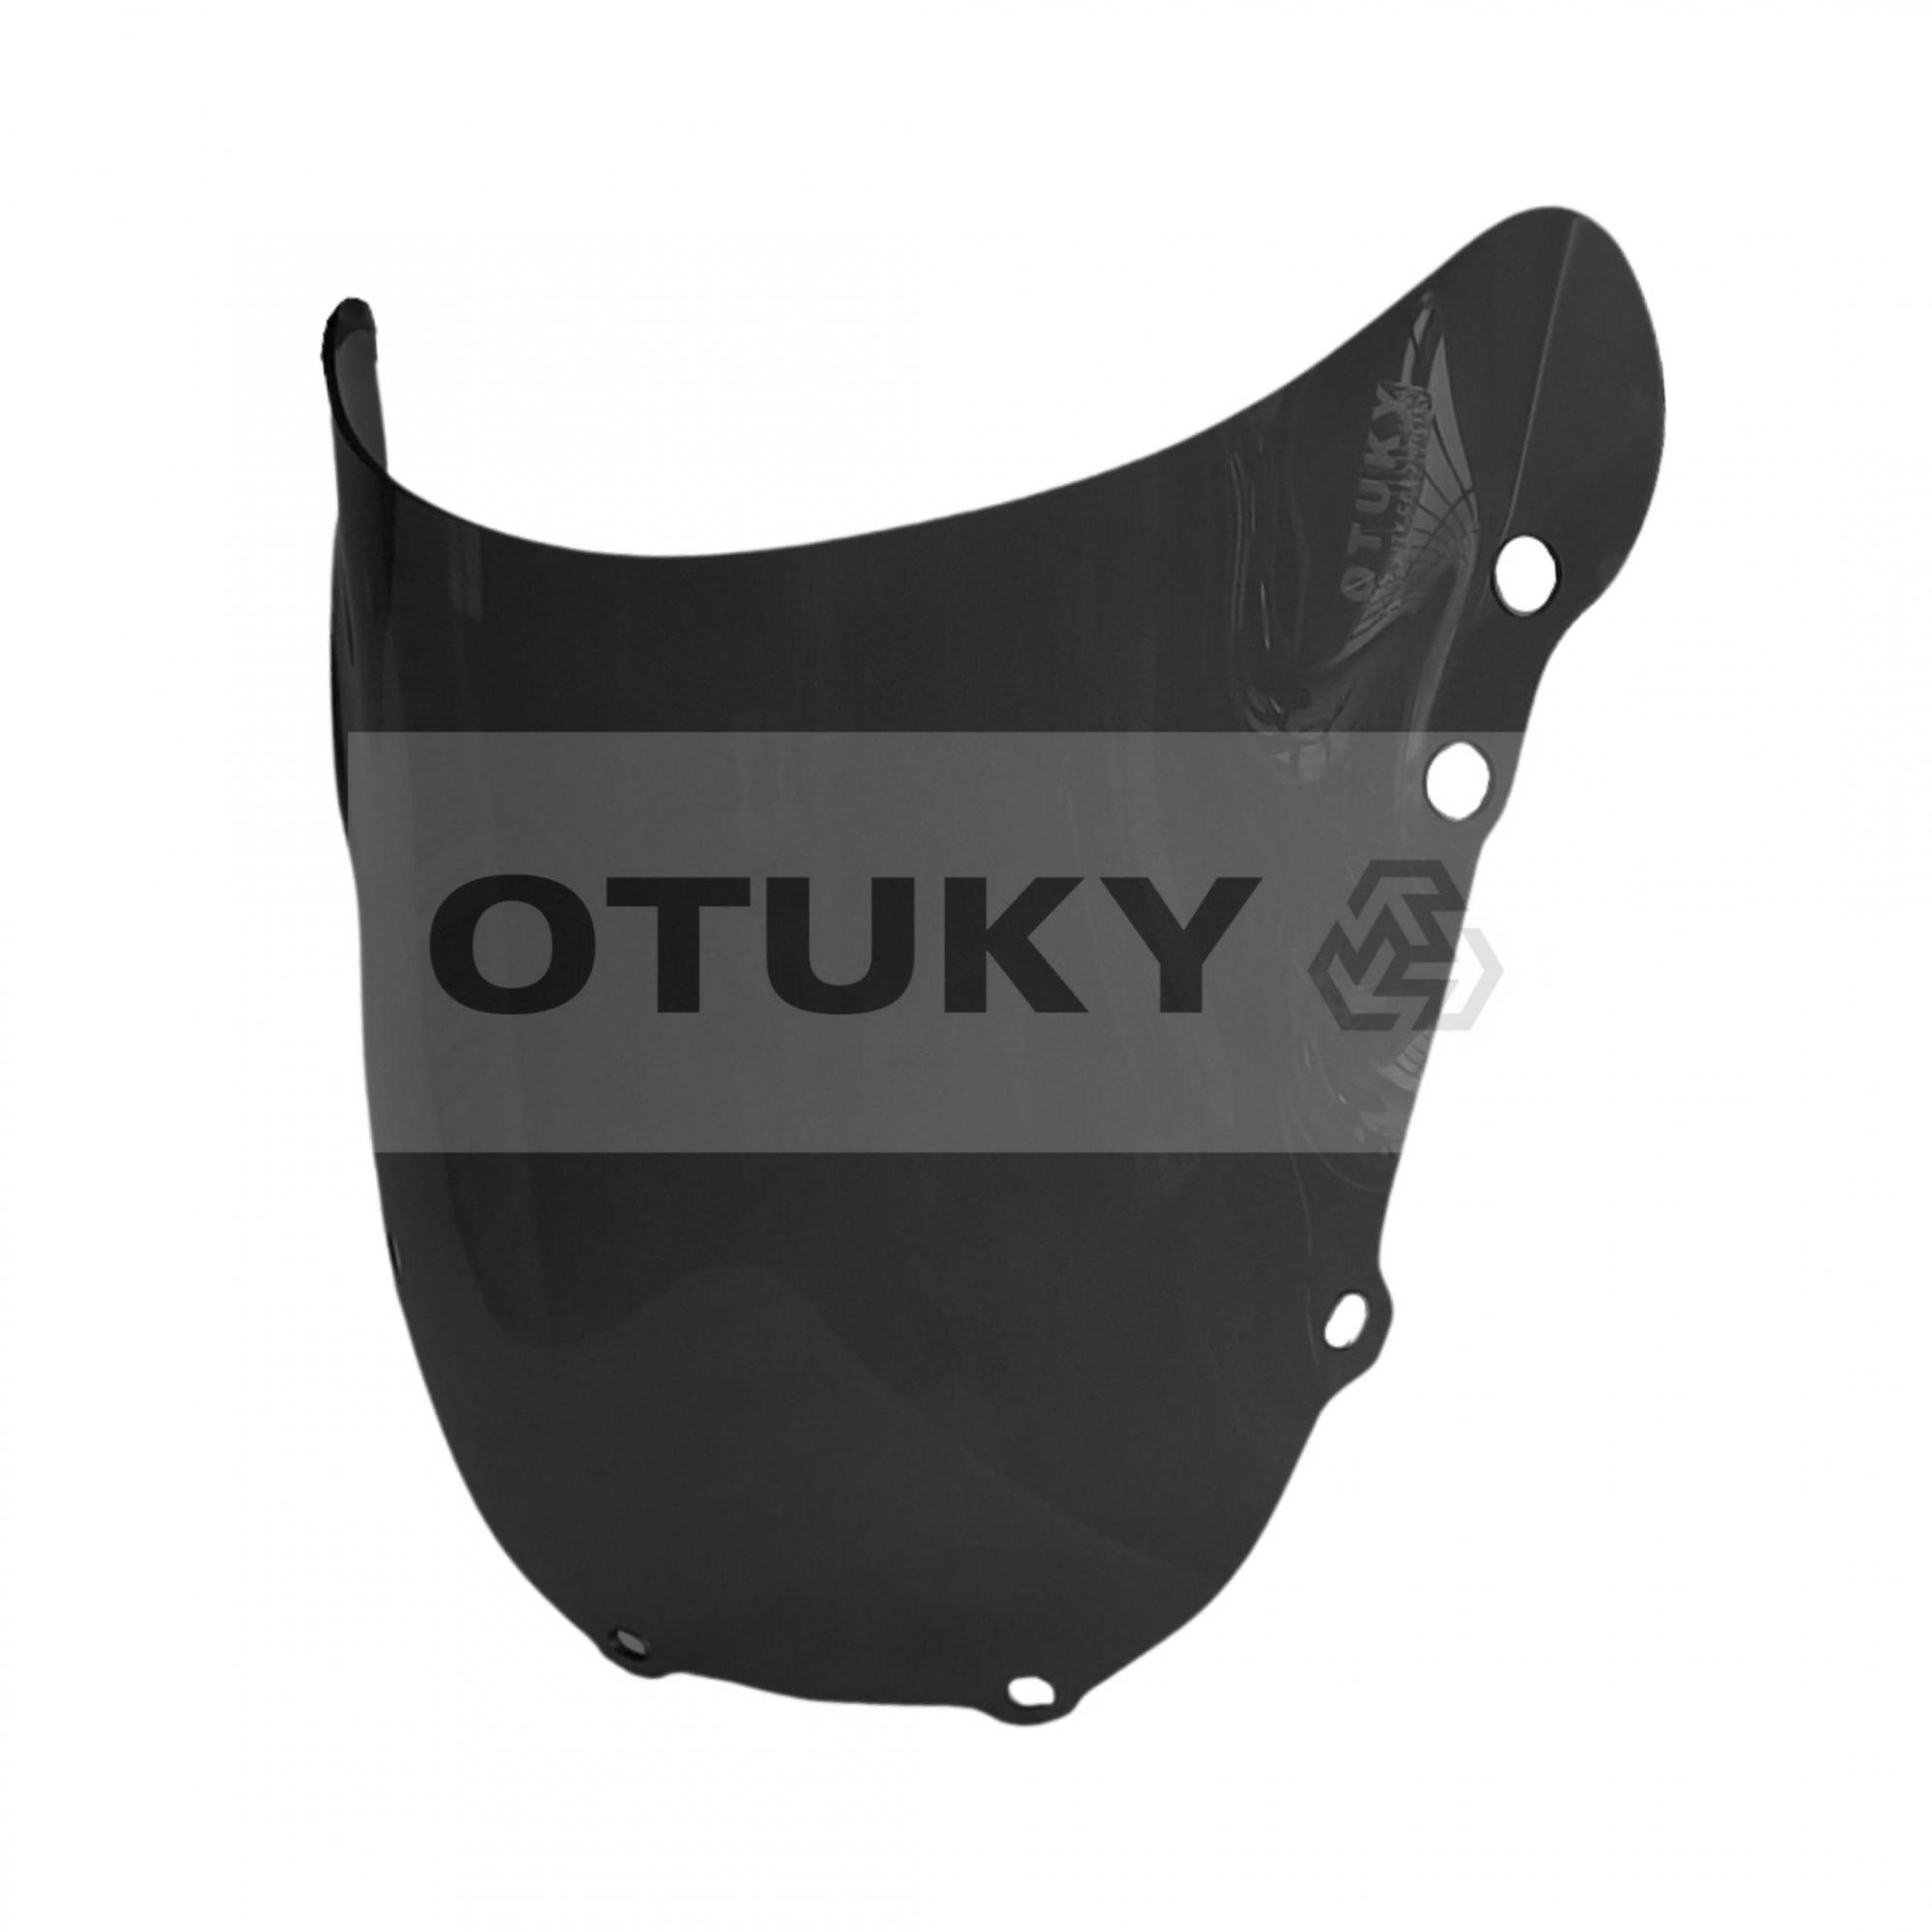 Bolha para Moto CBR 900 RR 1993 1994 Otuky